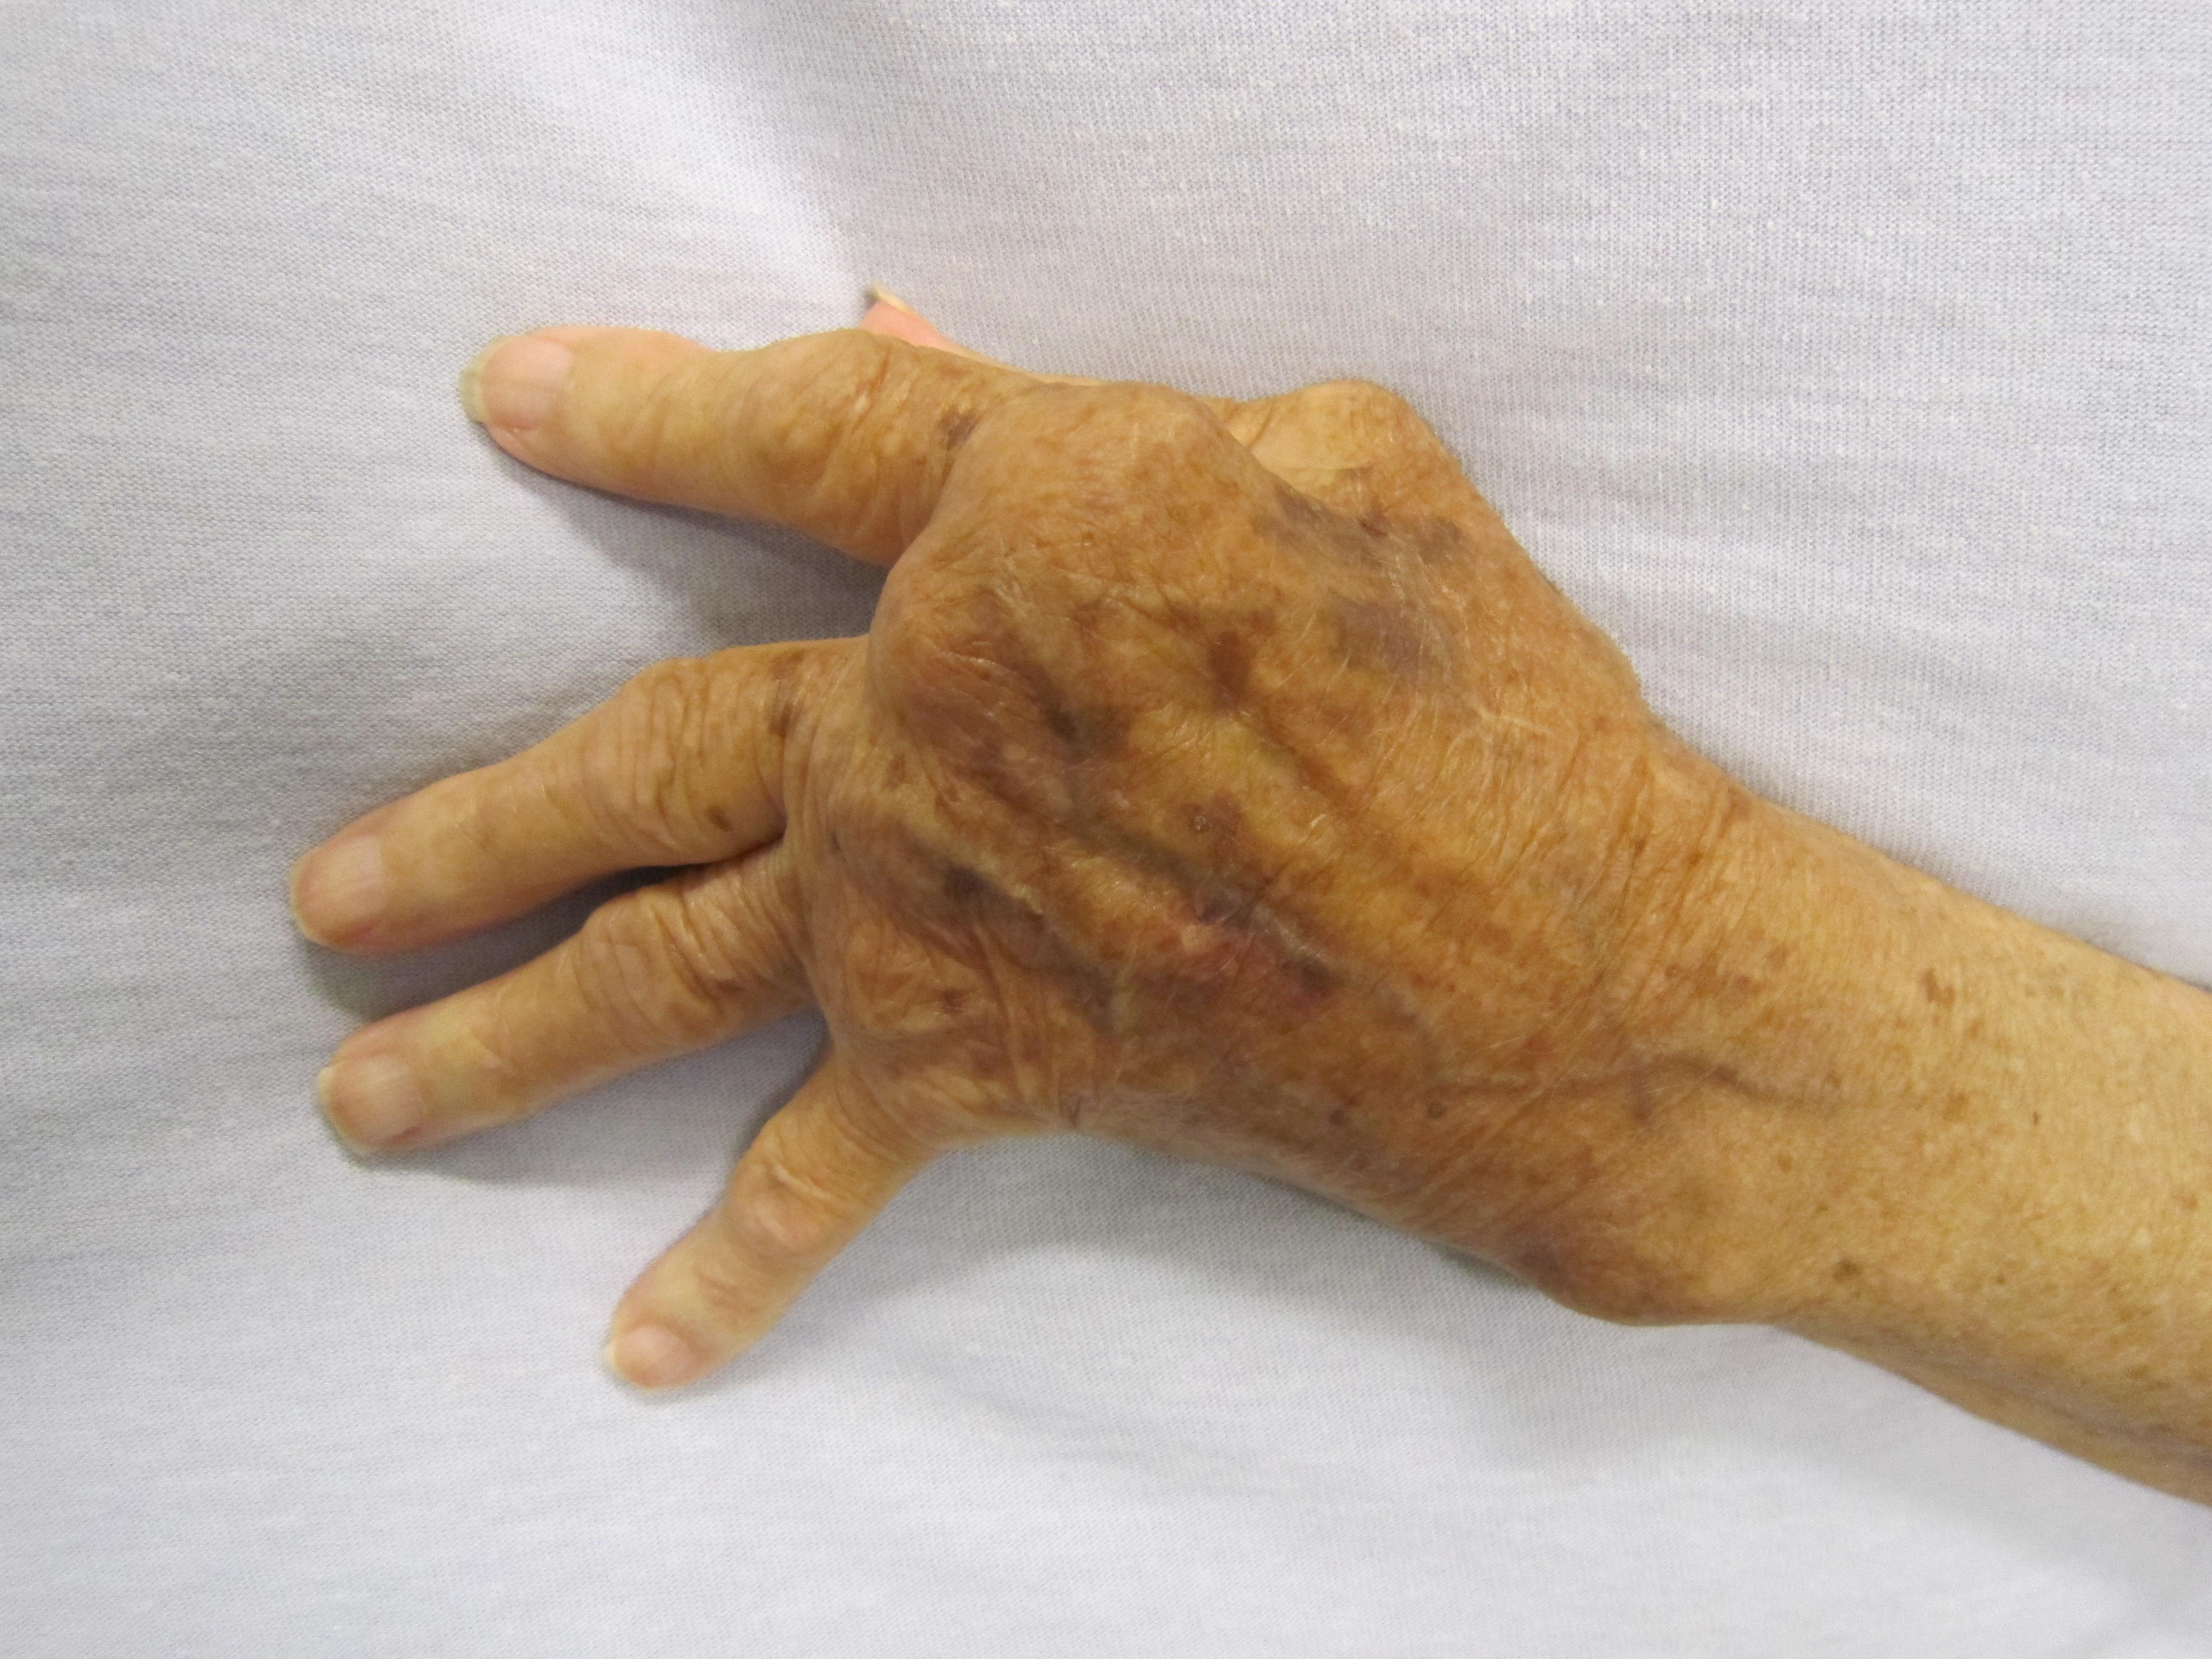 esr 60 és ízületi fájdalom)